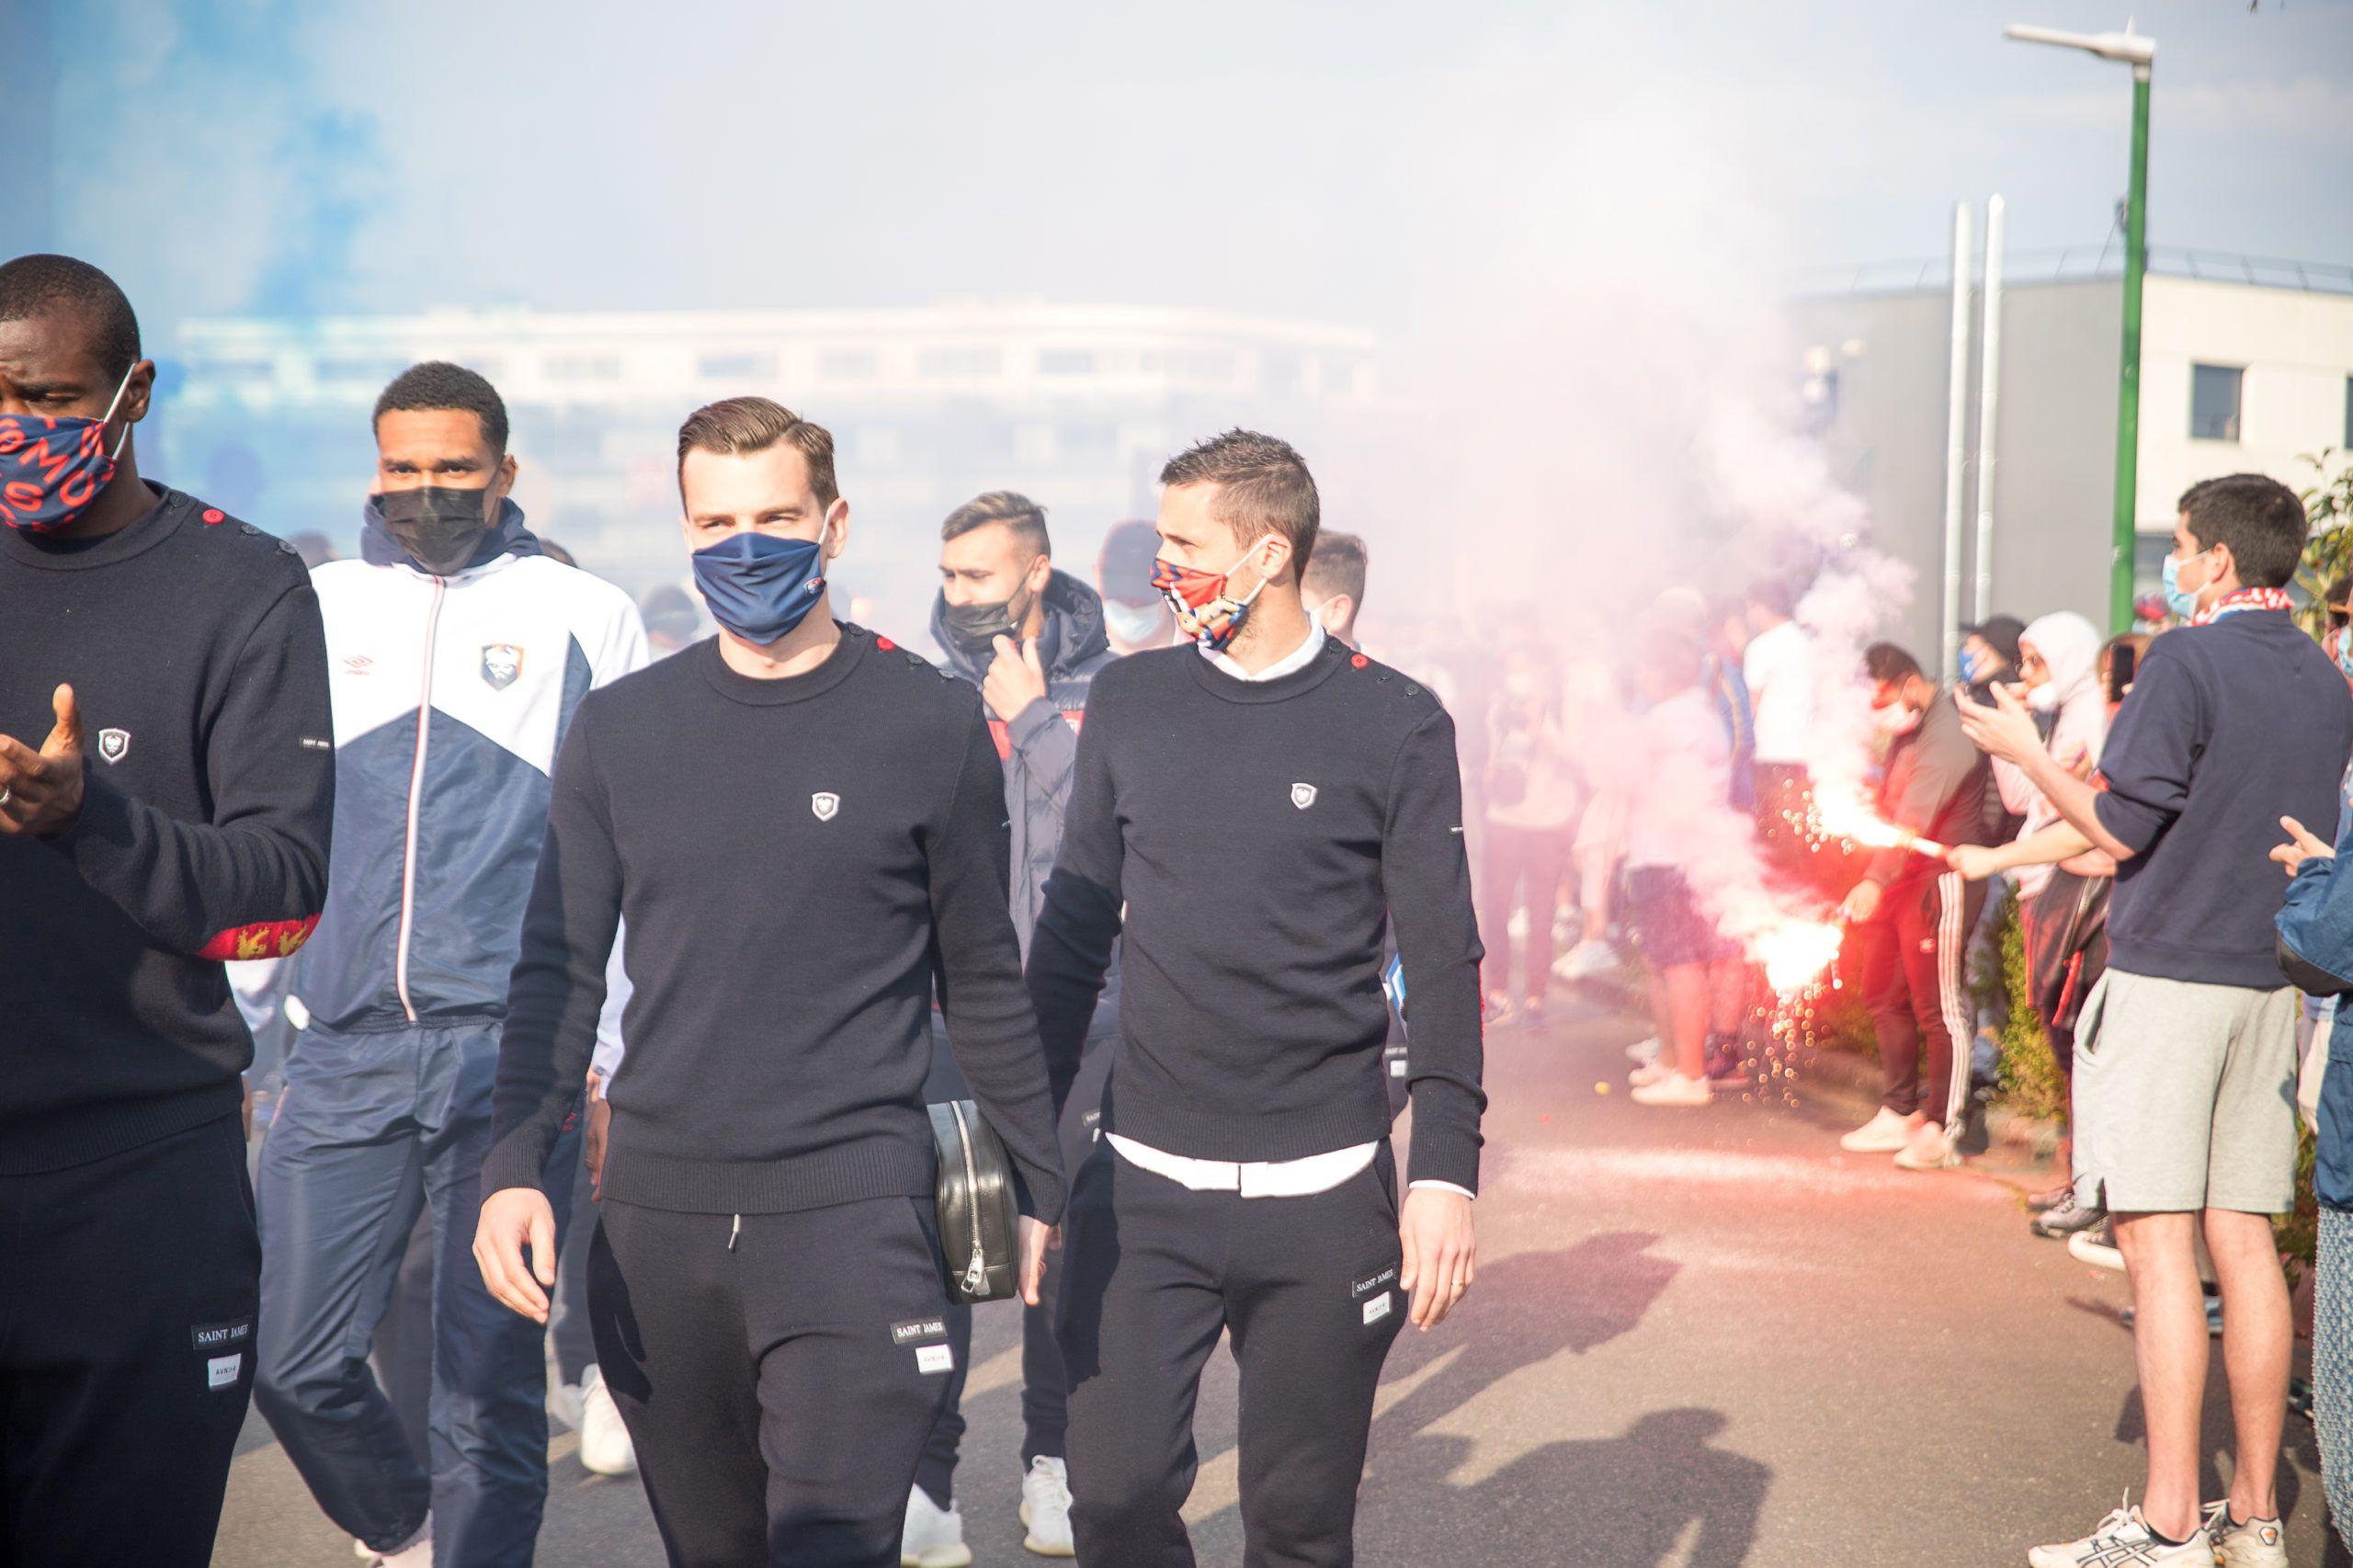 [Vidéo] L'accueil des supporters pour les joueurs avant Caen – Dunkerque